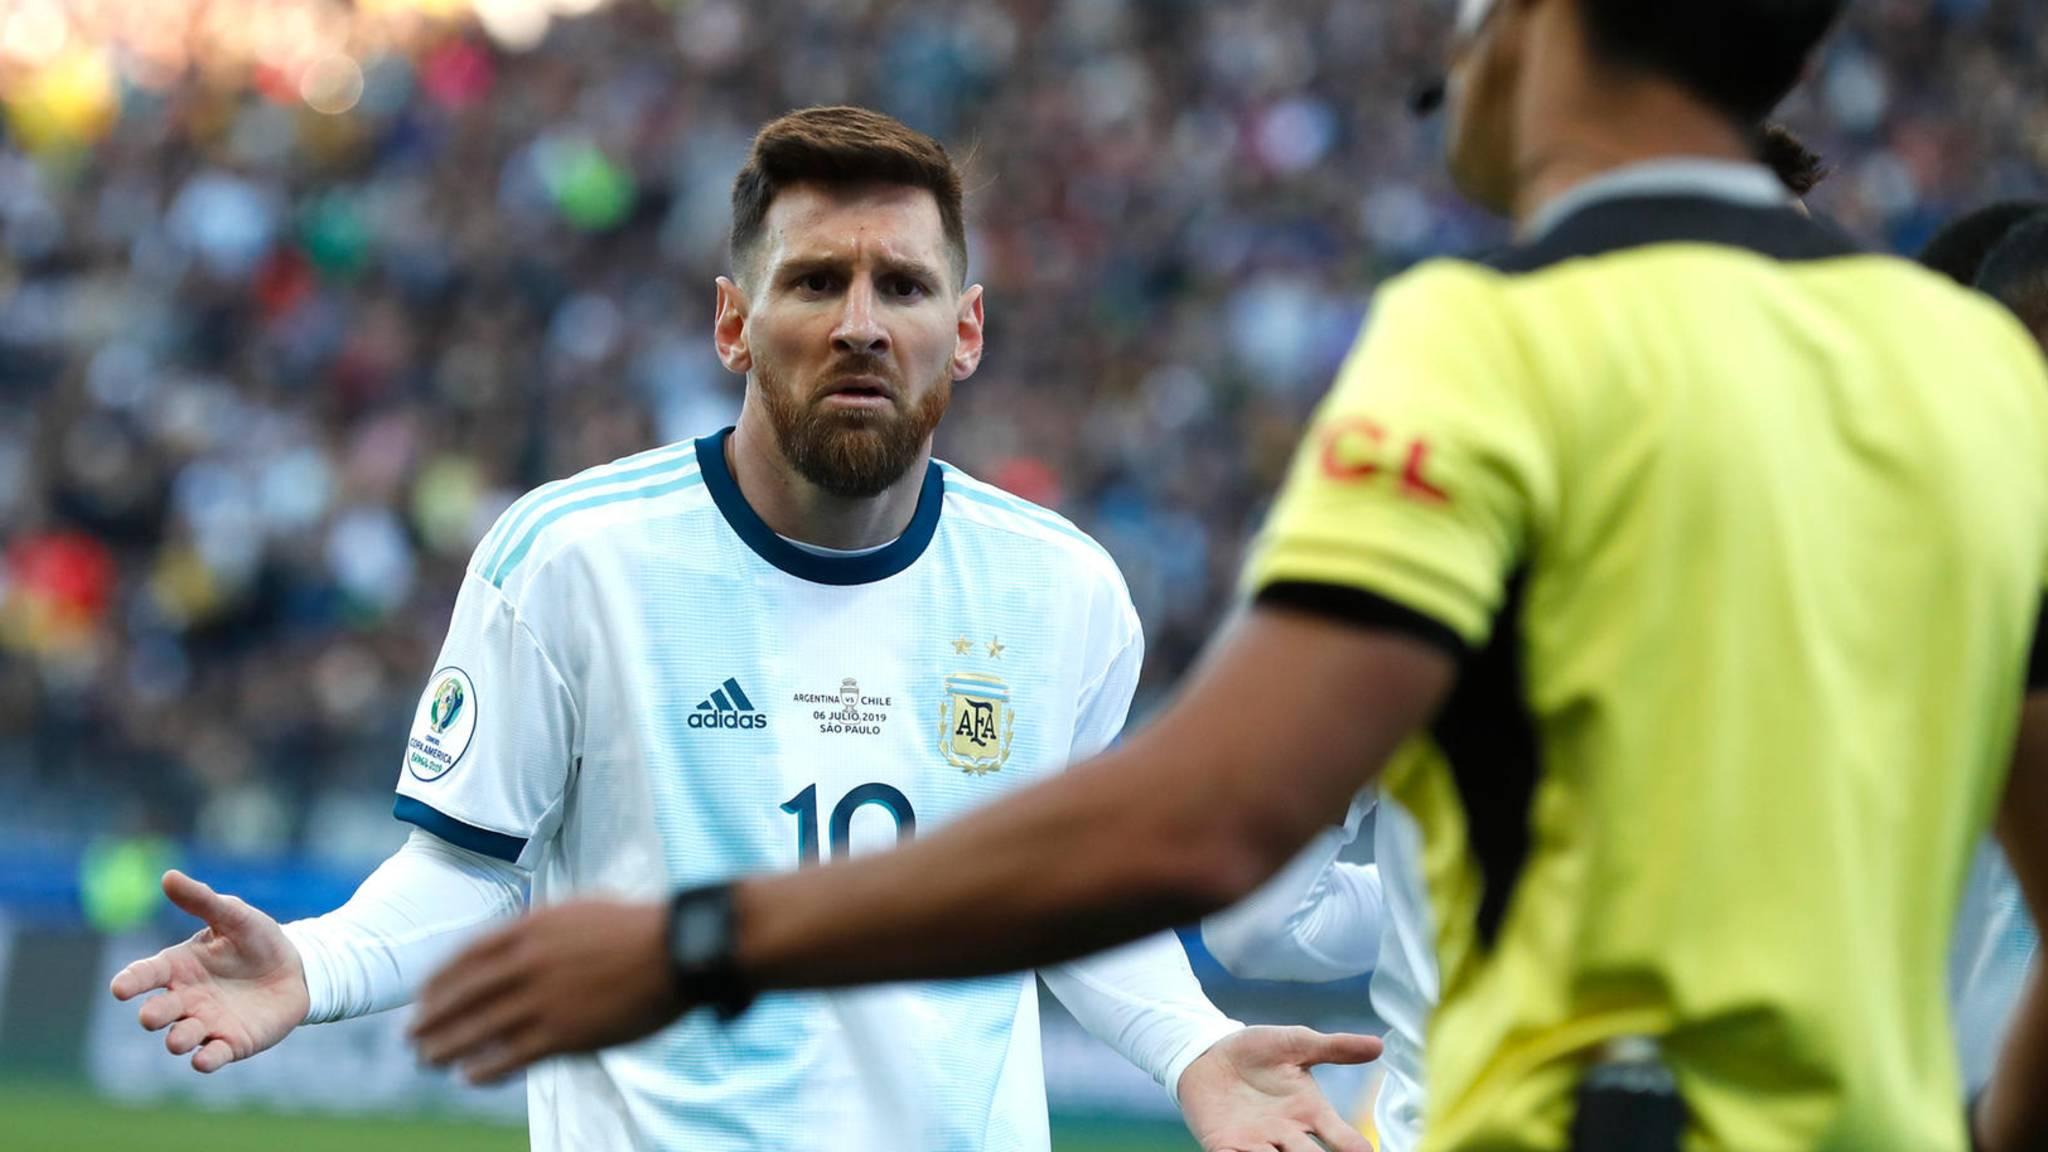 Lionel Messi sieht rot: Danach klagt er